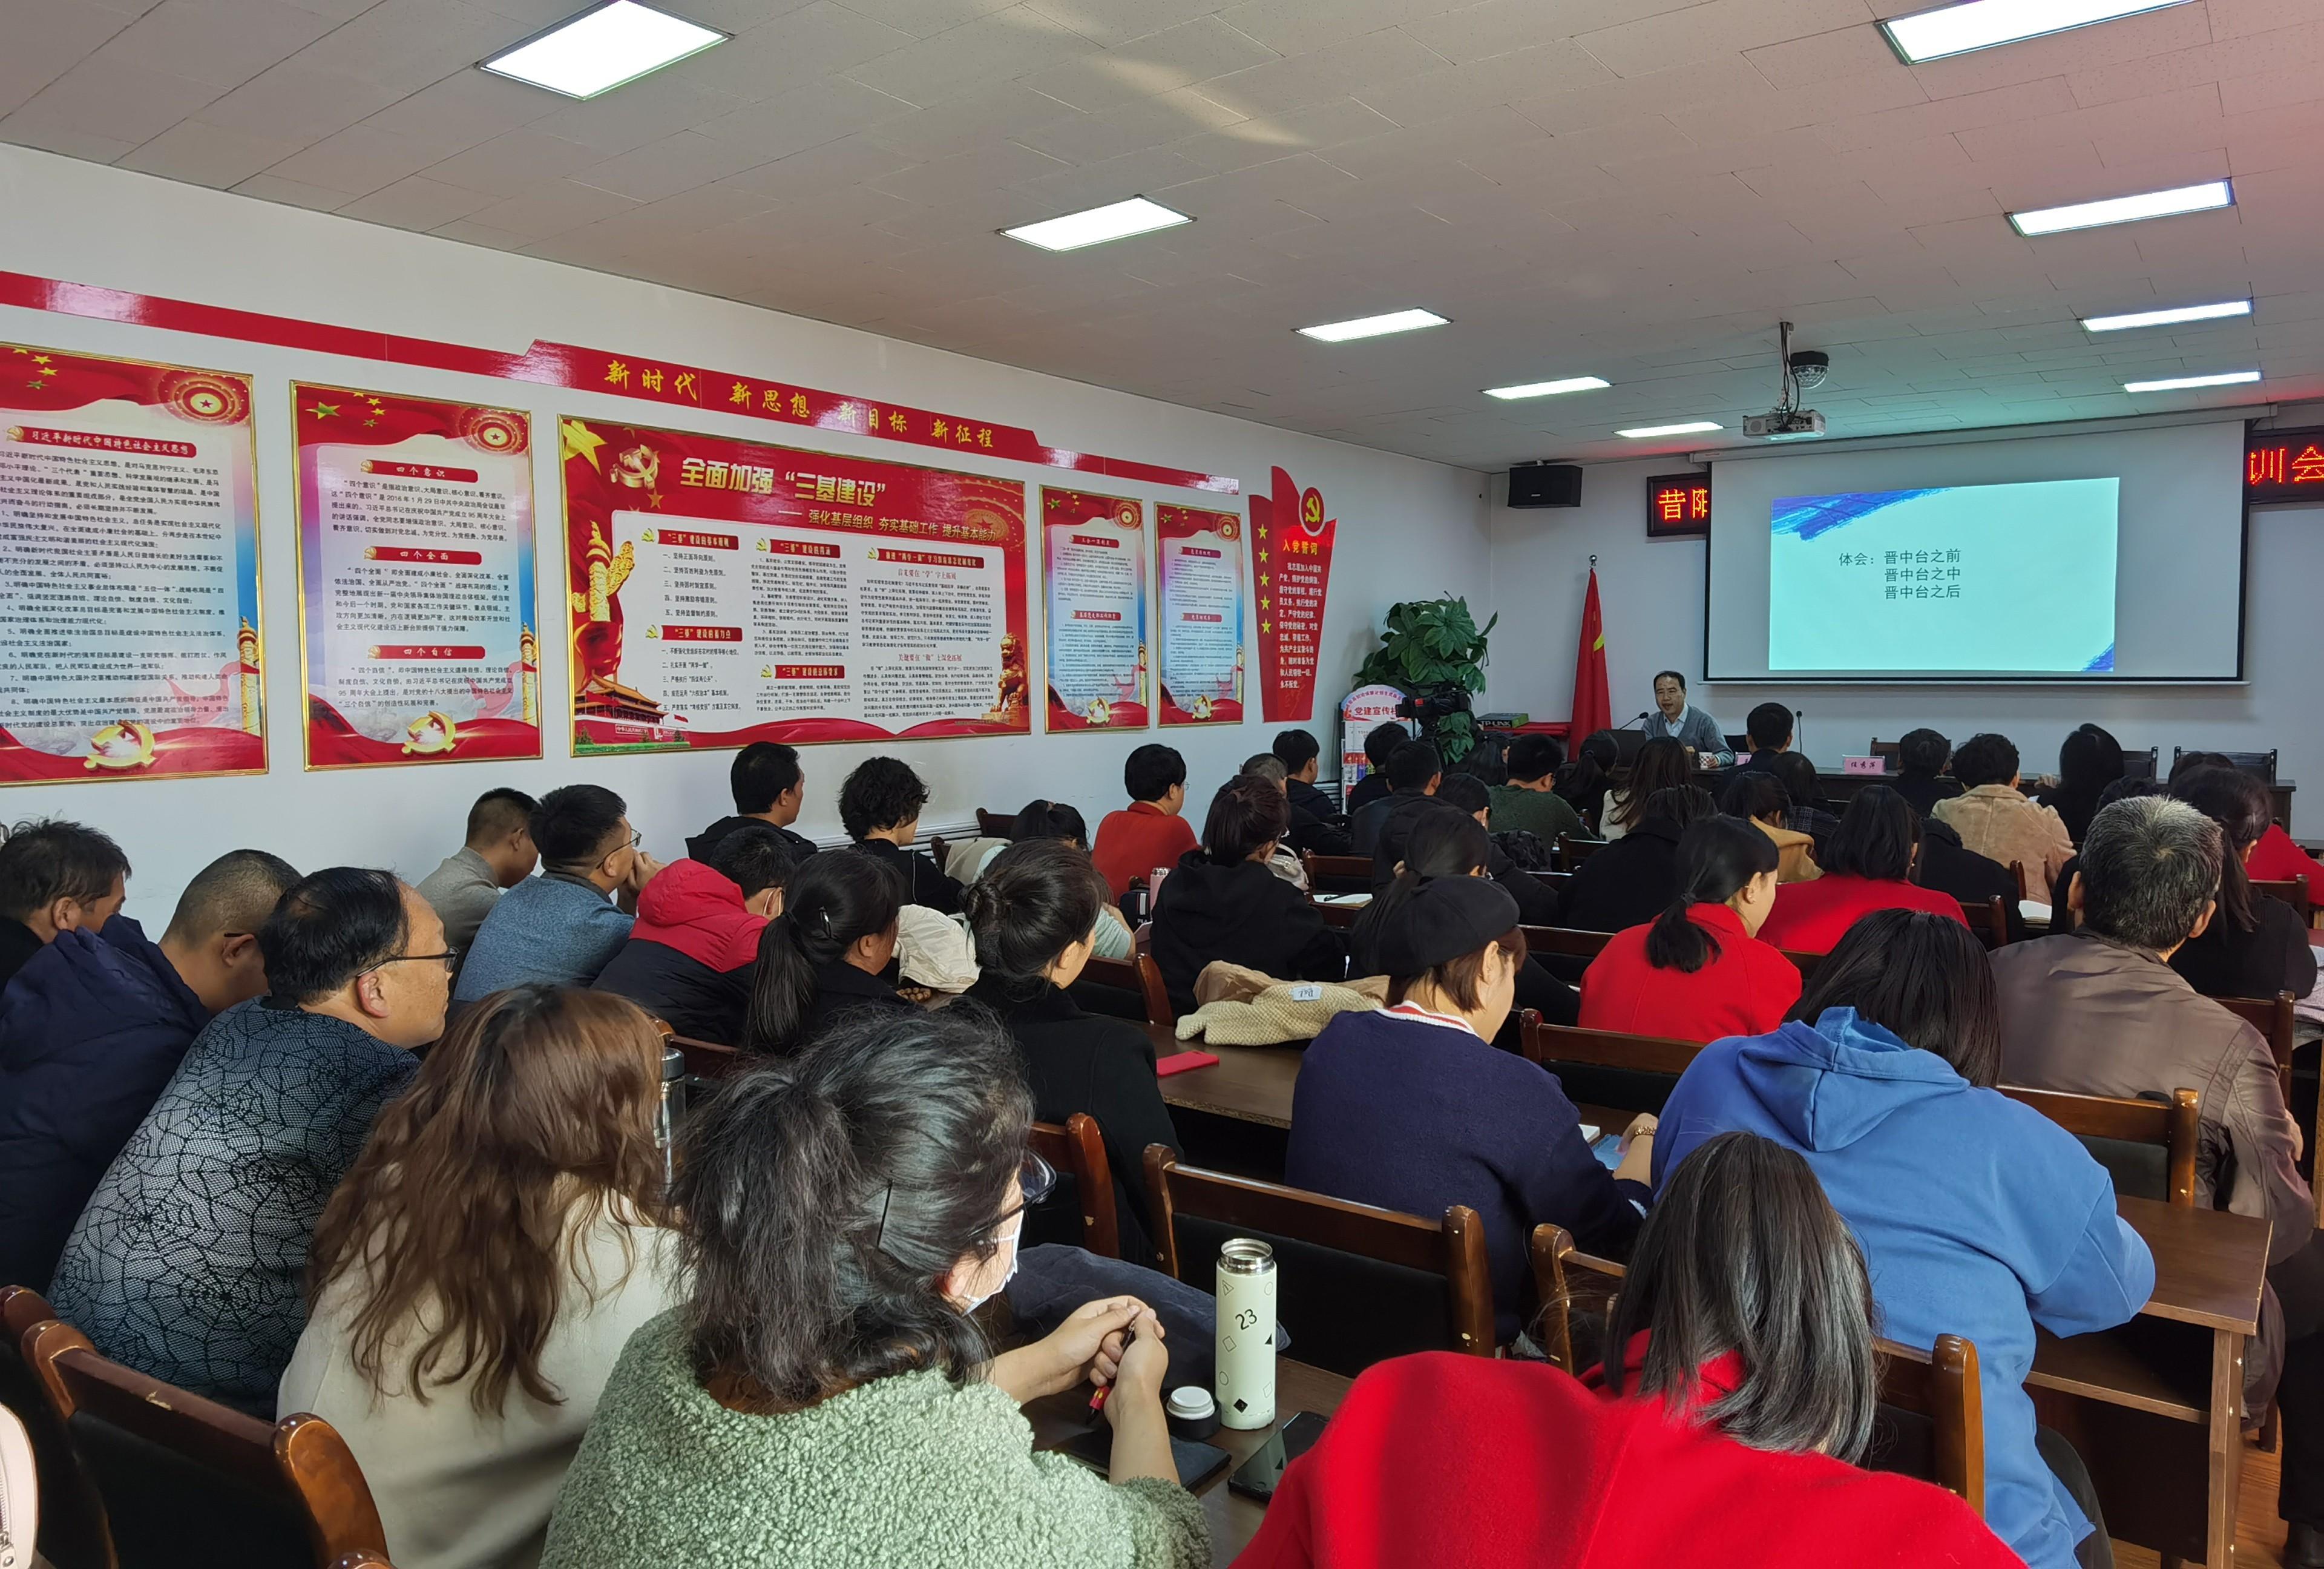 山西昔阳县融媒体中心开展新媒体业务知识培训